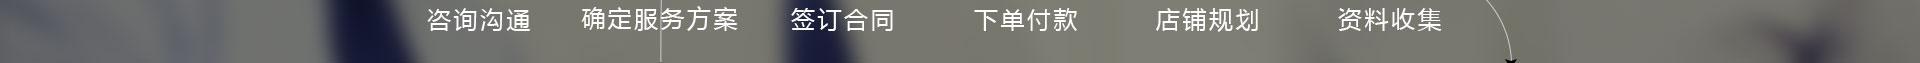 万博manbext网页版注册万博手机版客户端_店铺万博体育manbetx app下载